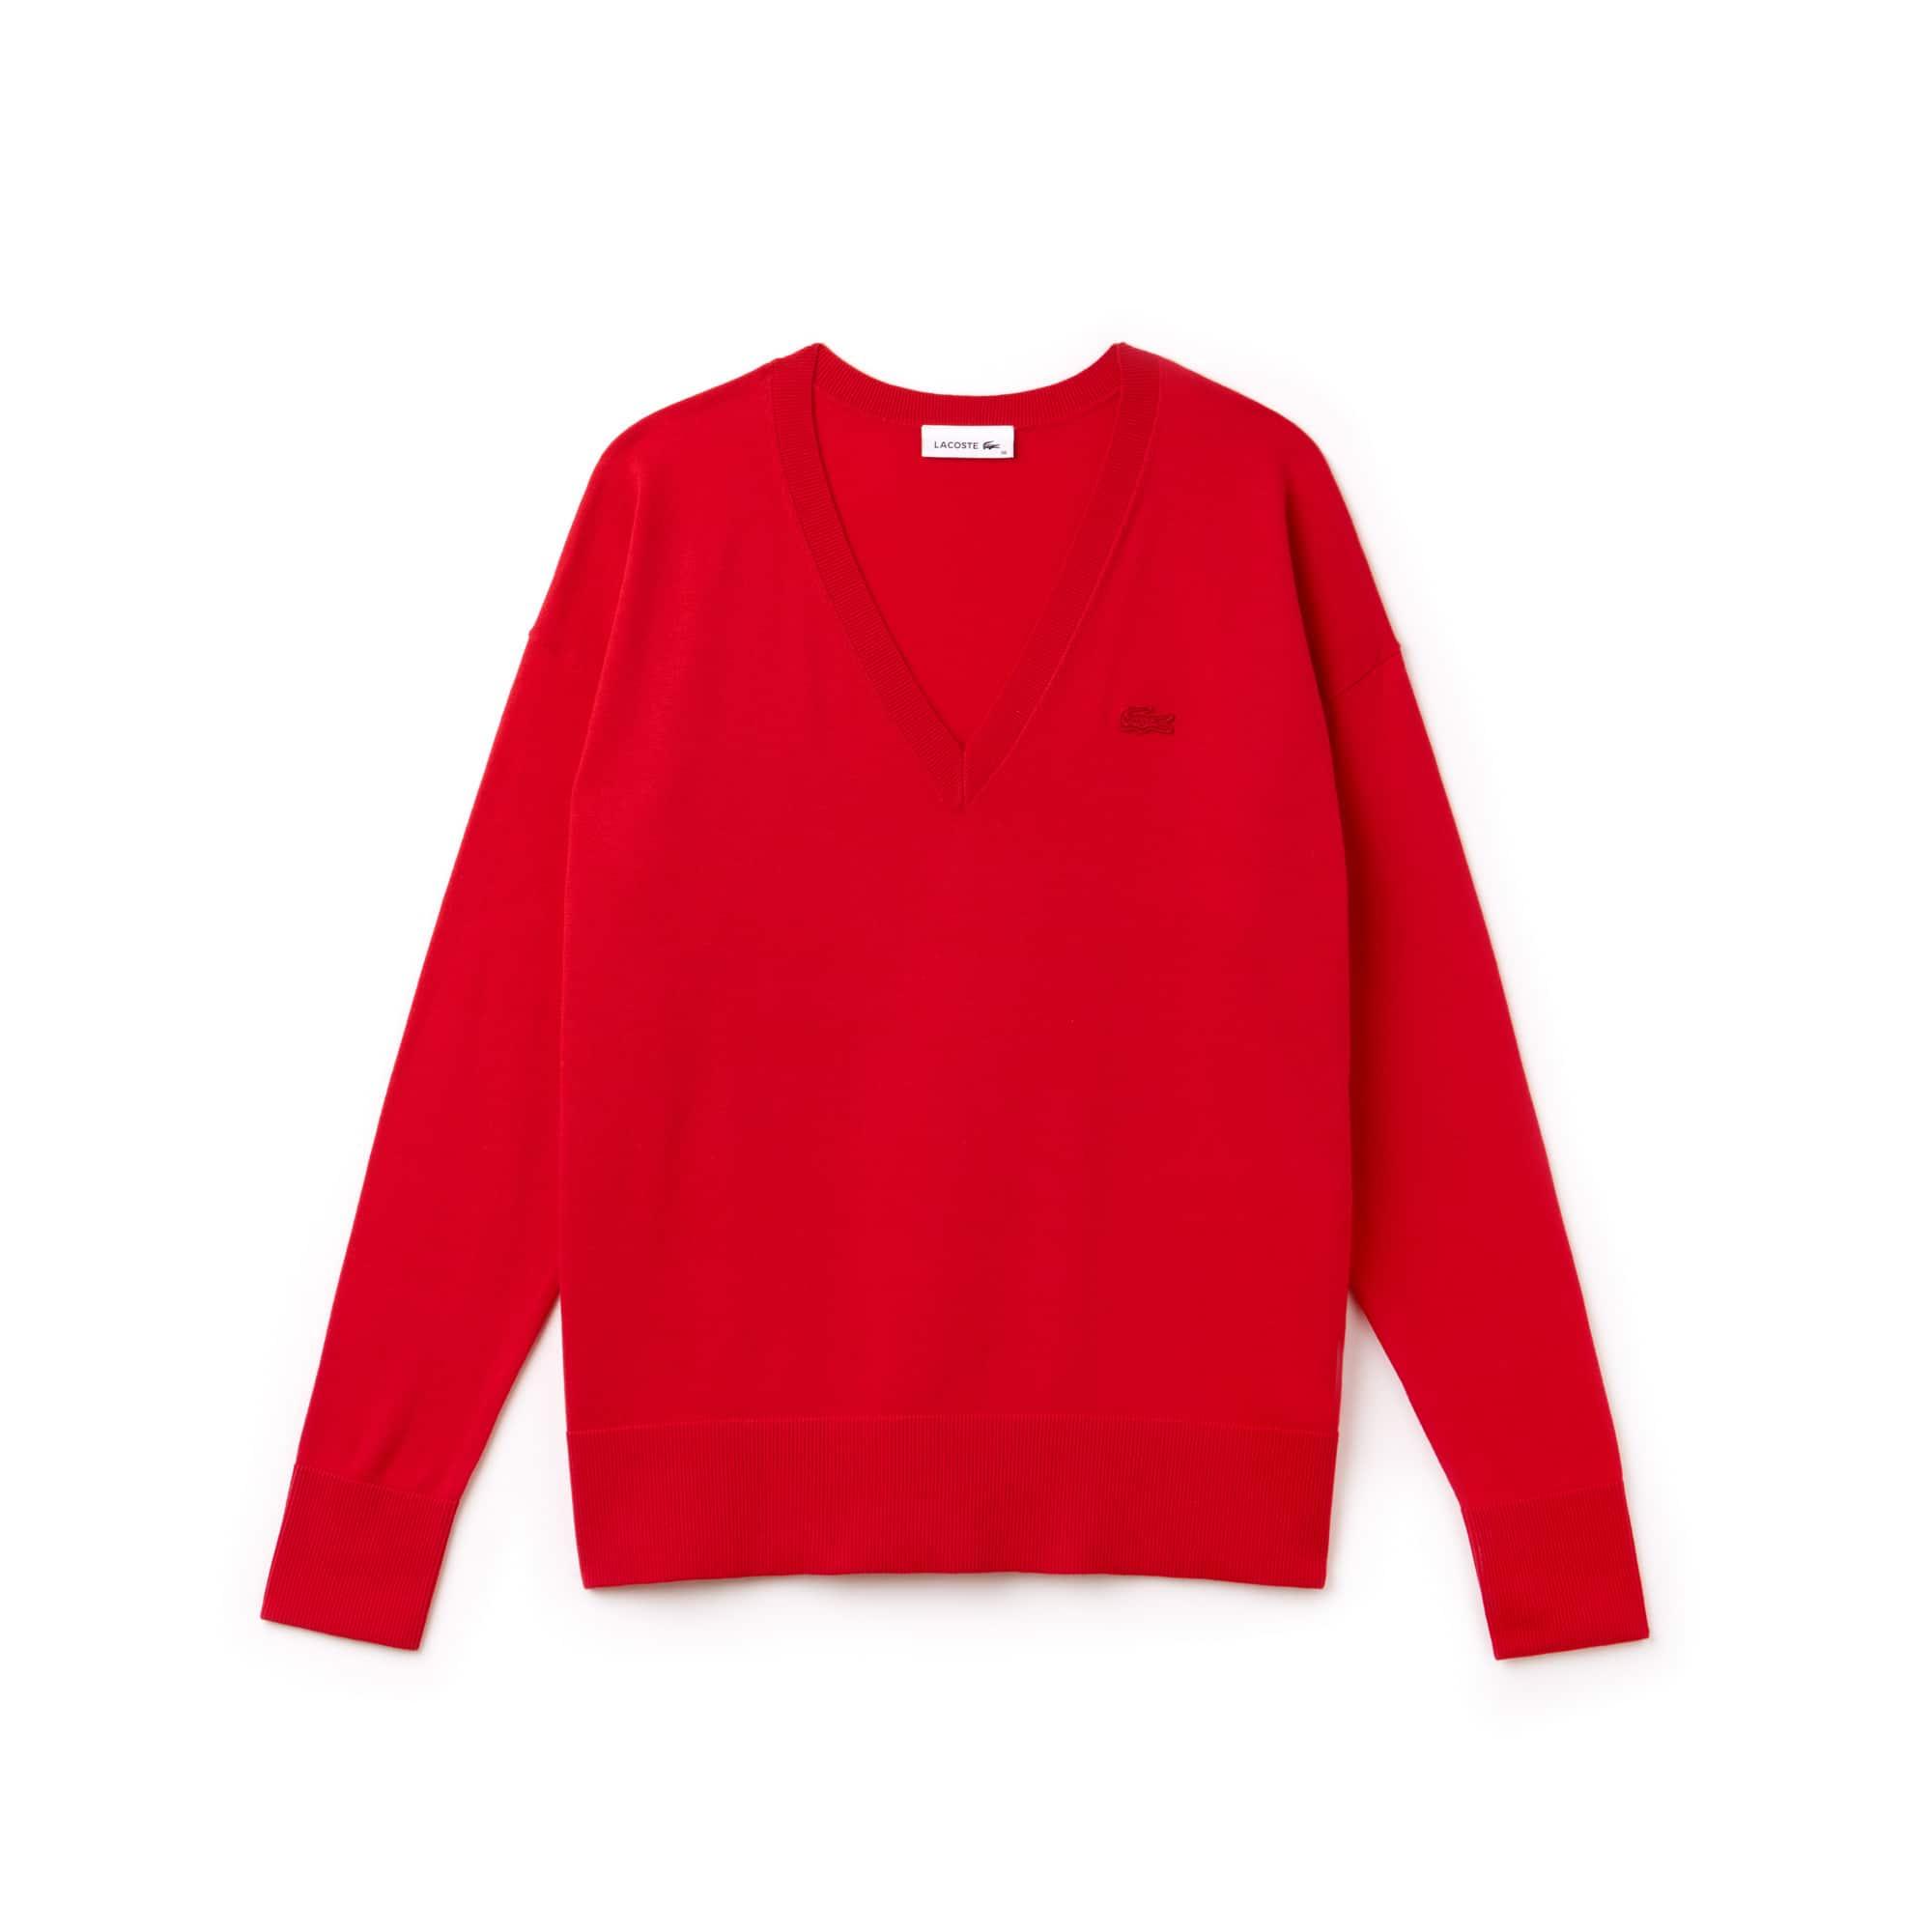 Jersey de cuello a pico de algodón liso